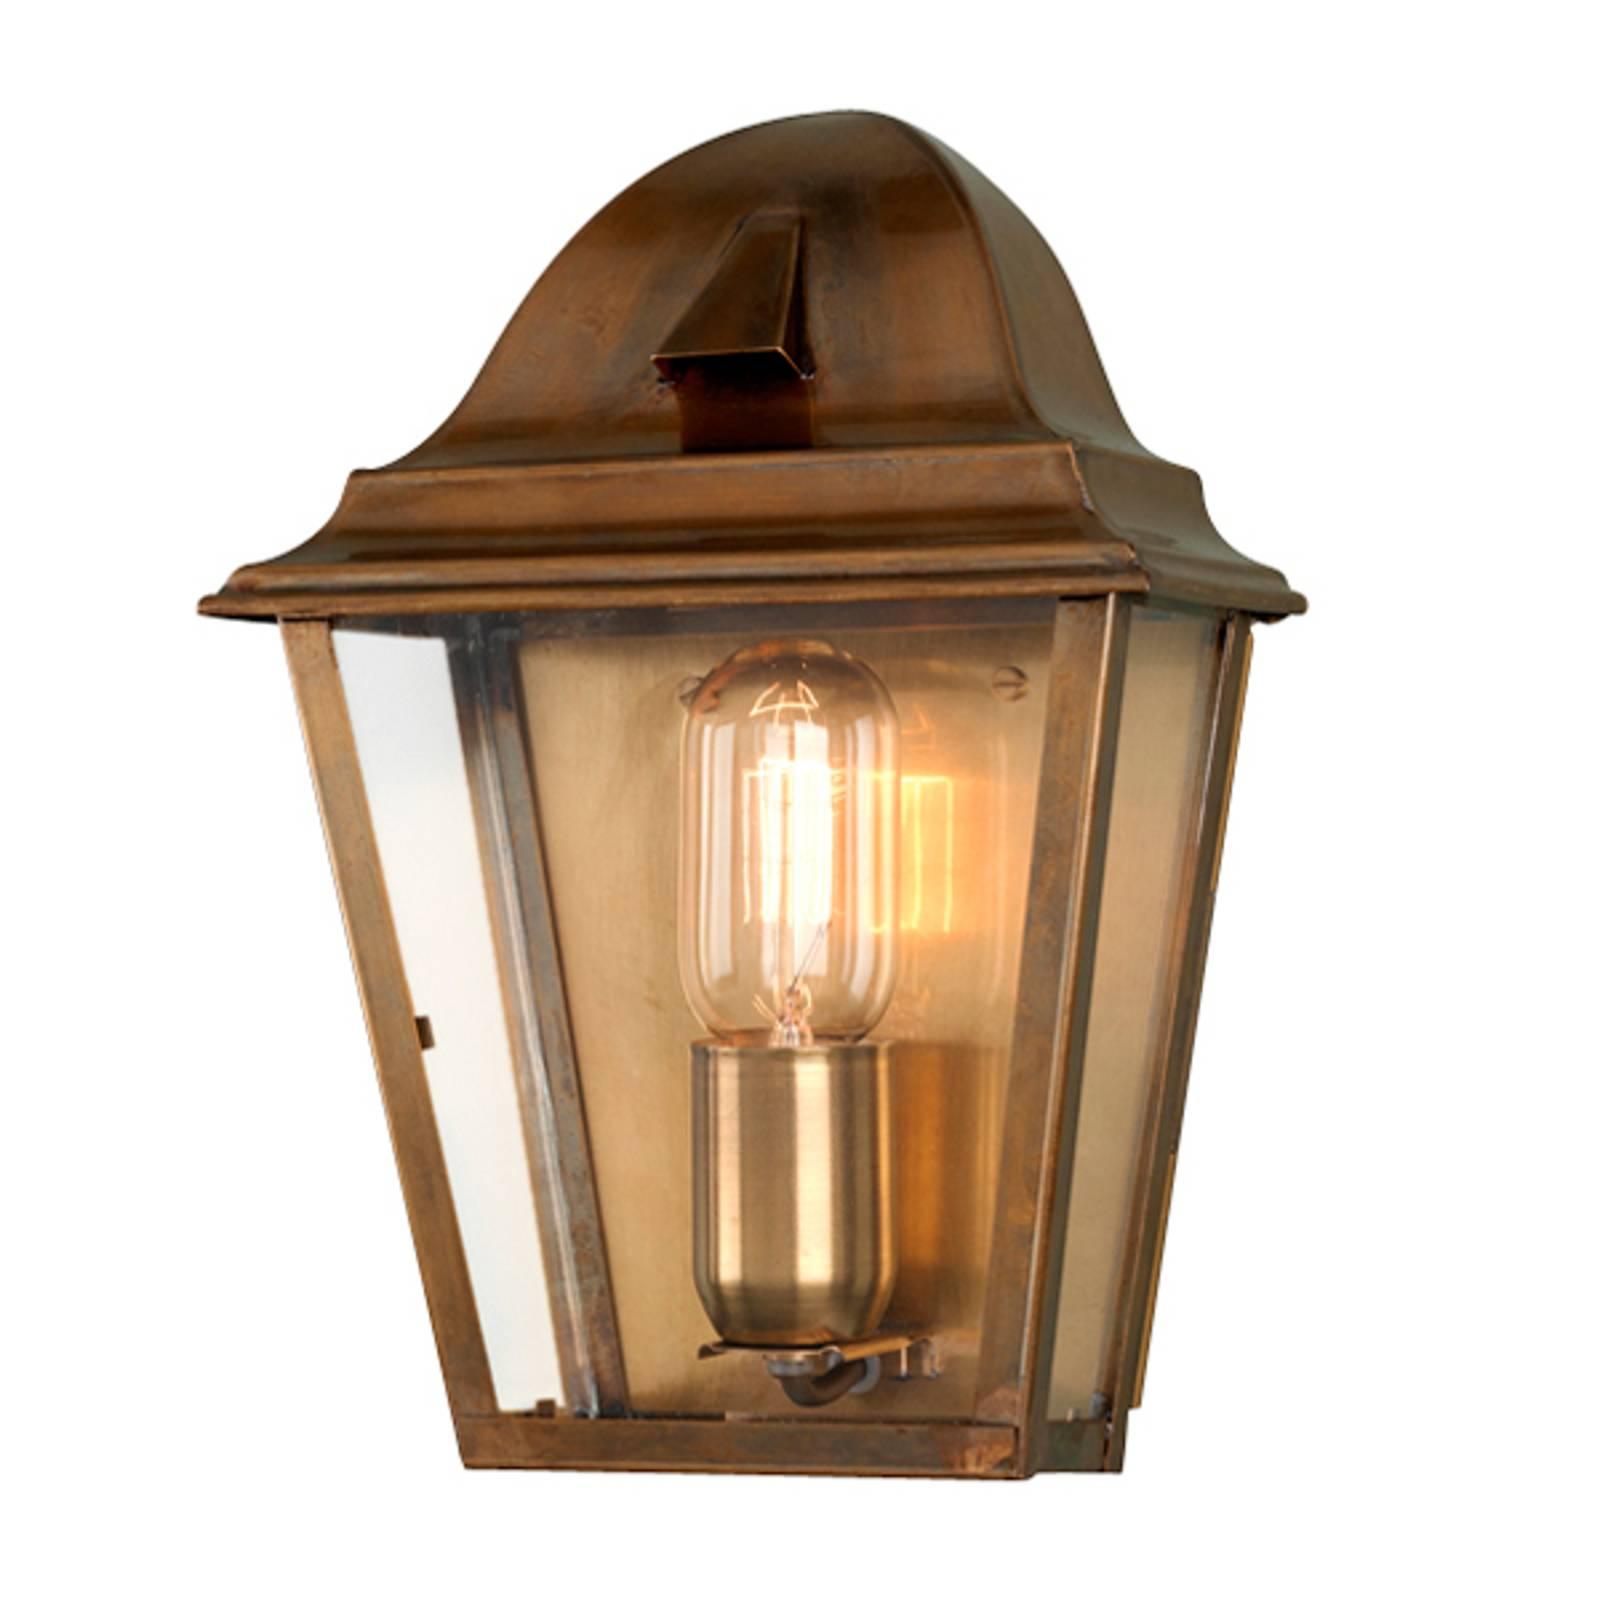 Messing buitenwandlamp St. James Brass